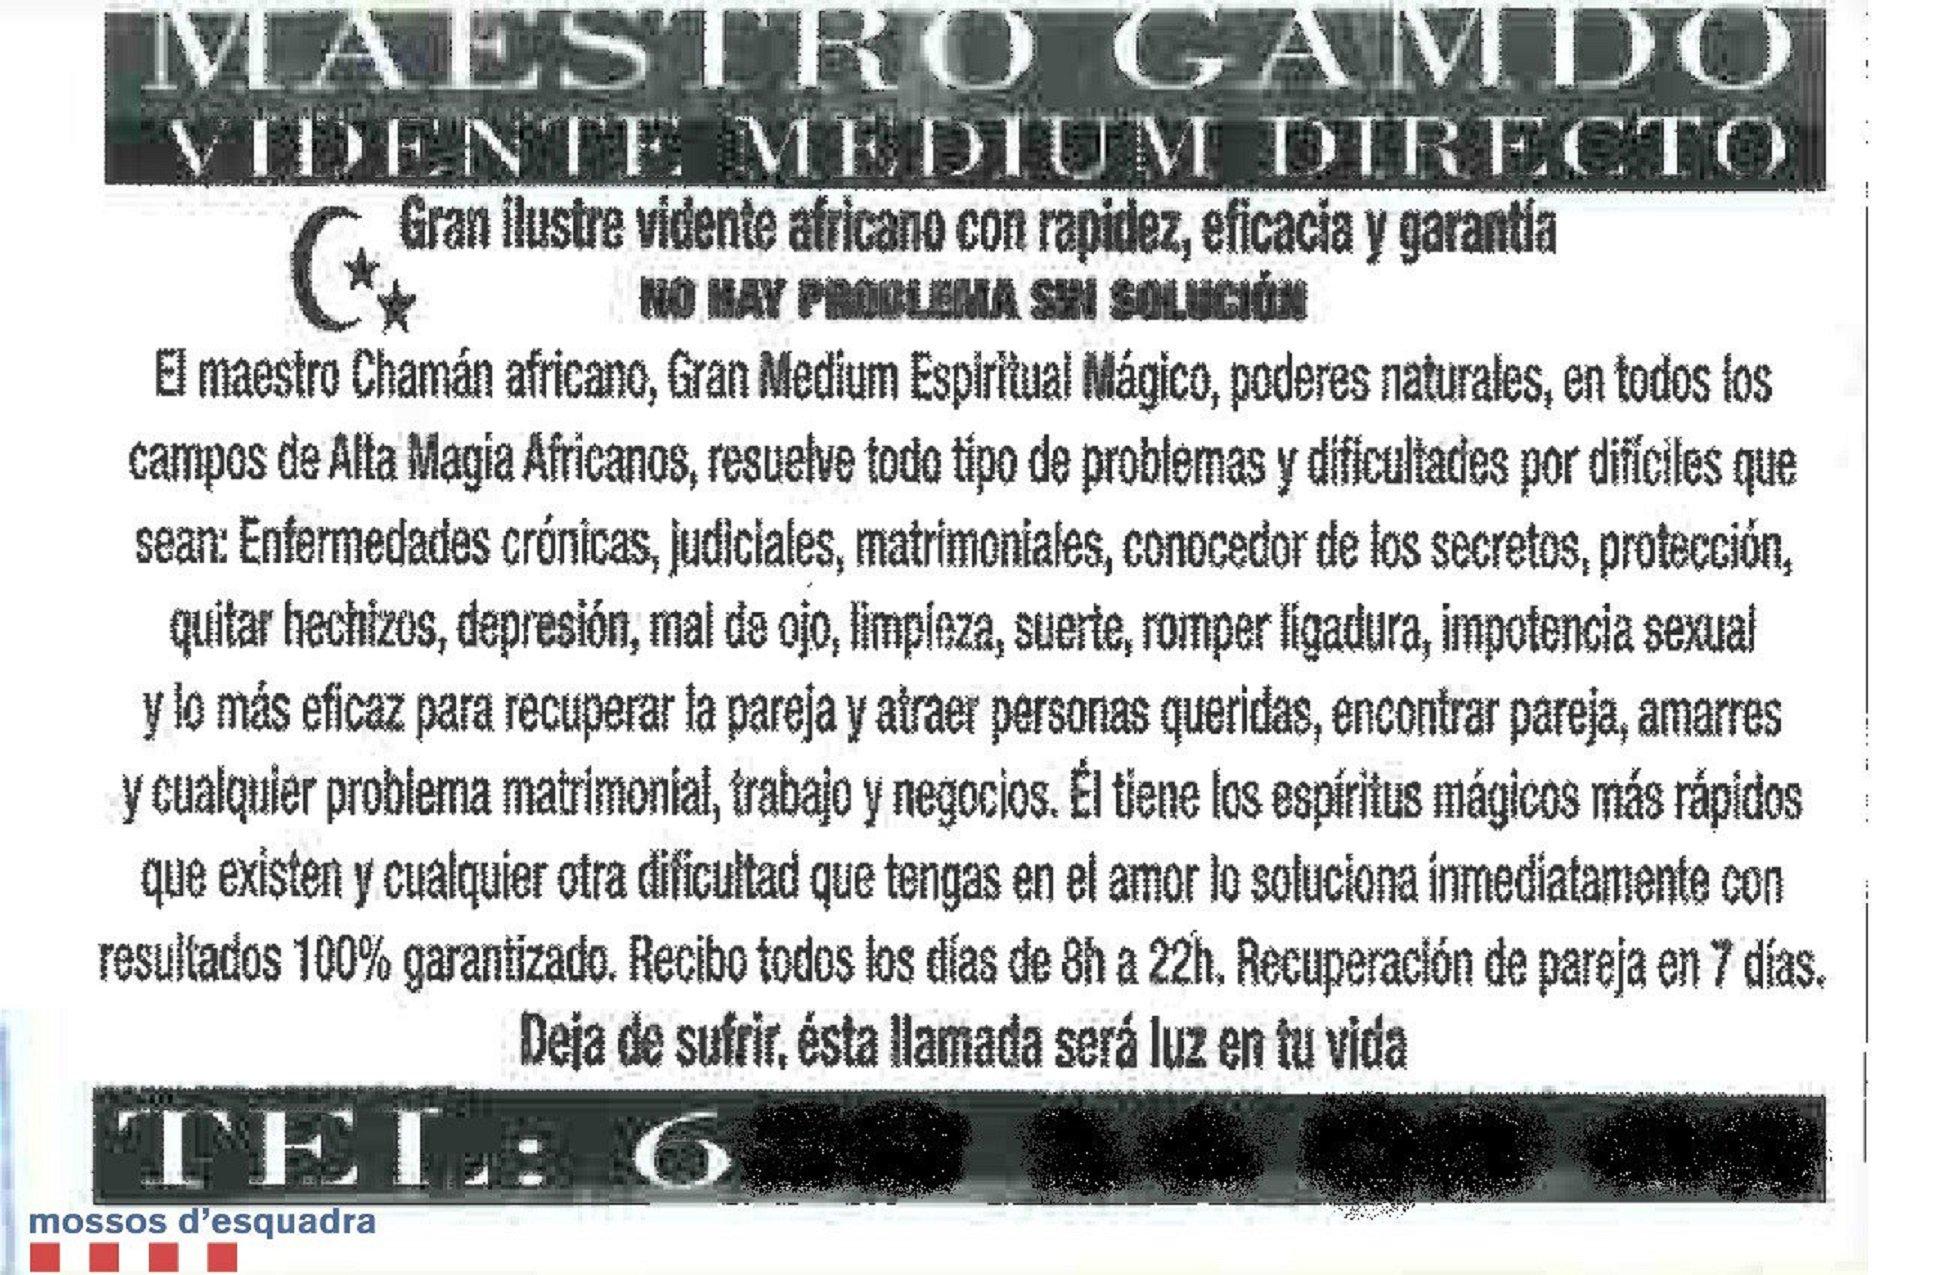 Maestro Gamdo